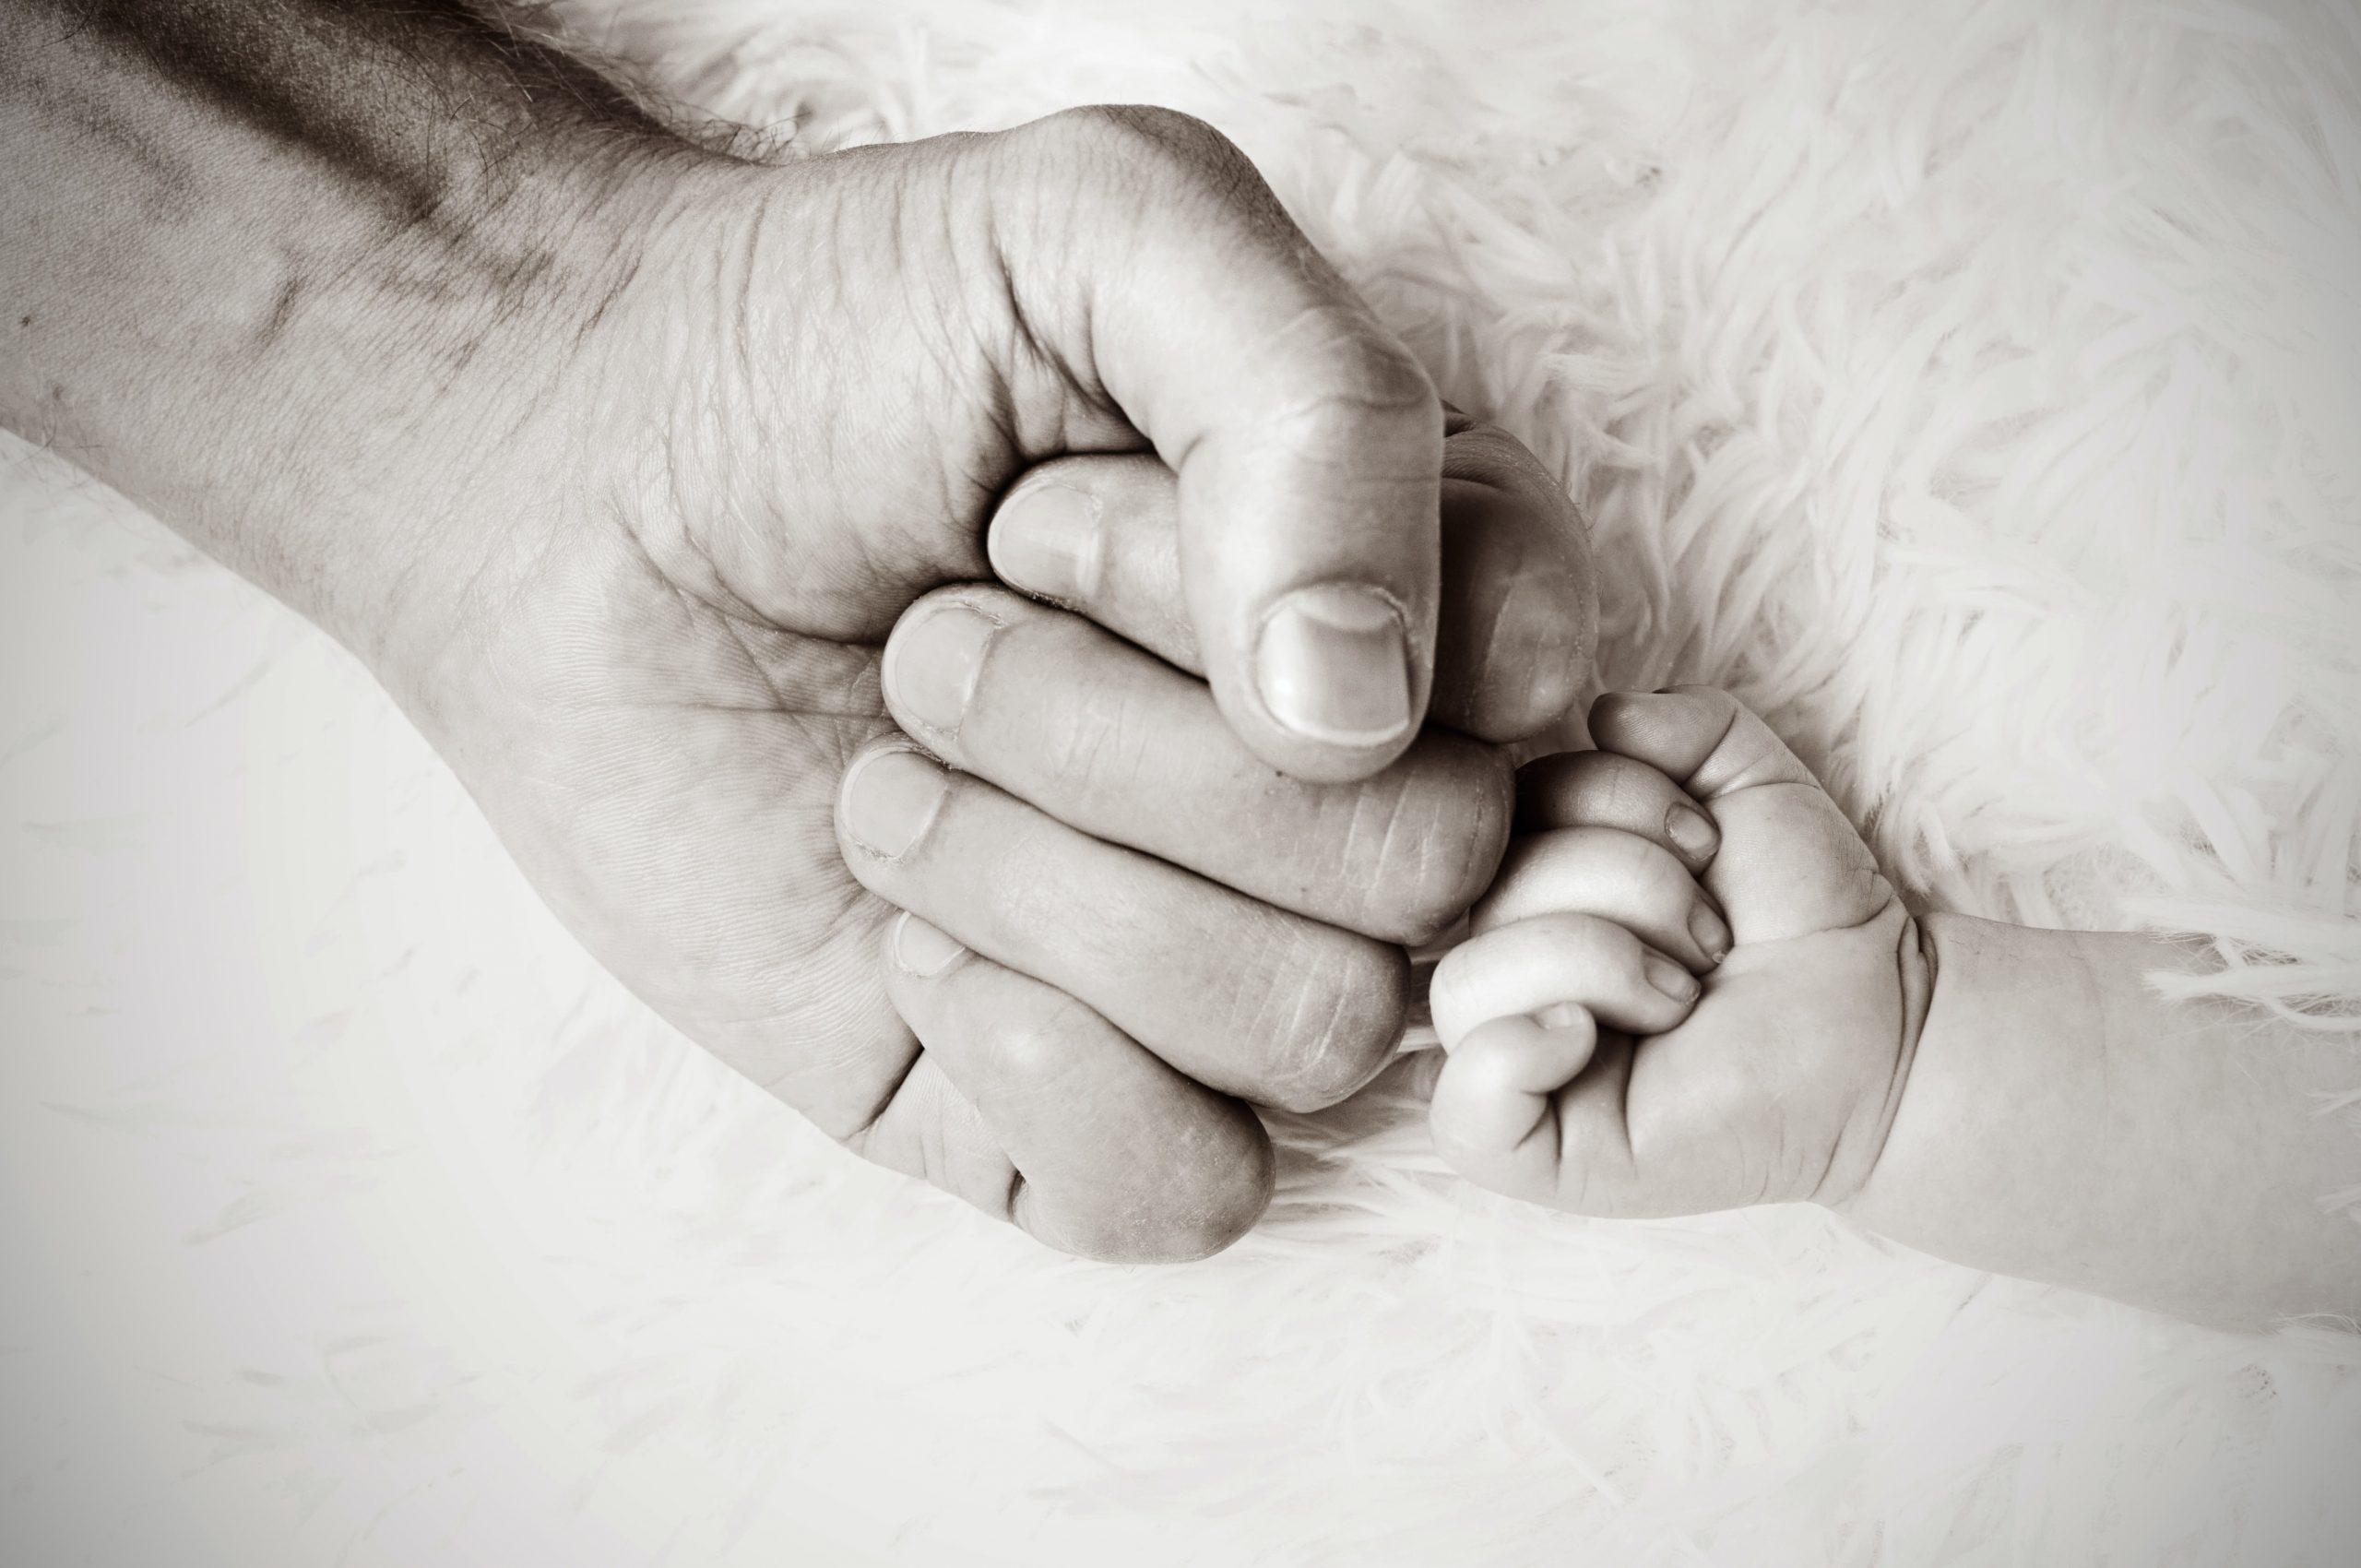 Bądź Ojcem dla Innych